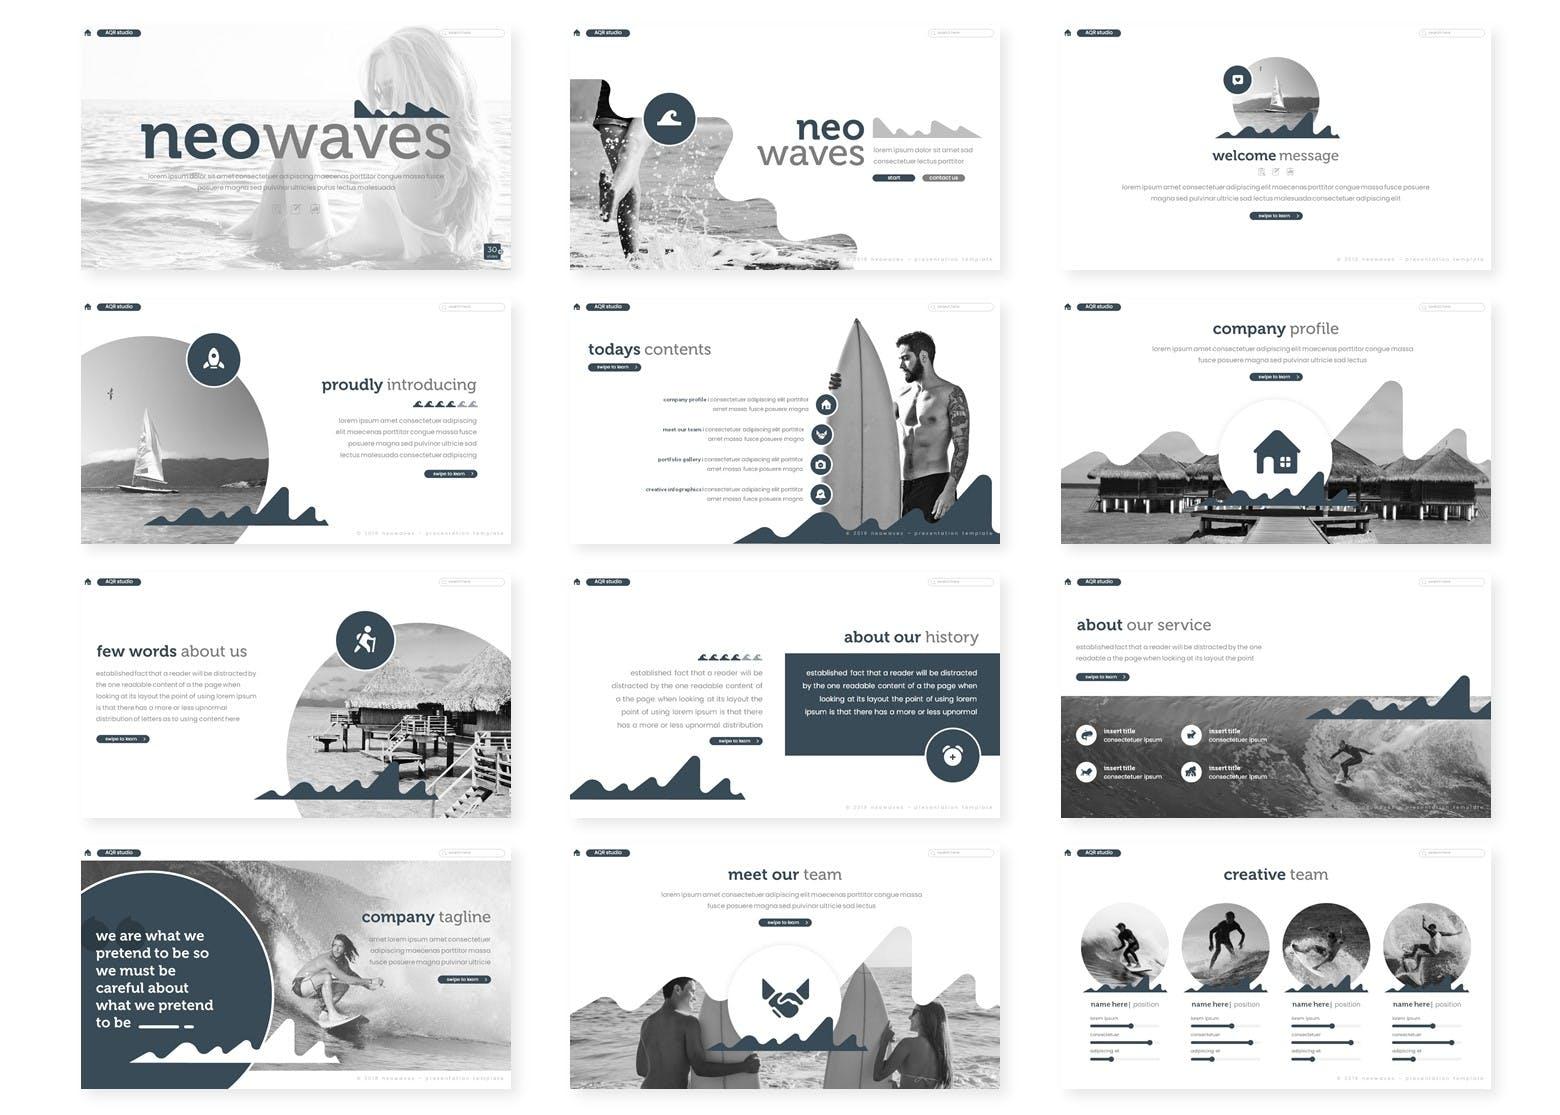 双色调商务演示PowerPoint模板 Neowaves – Powerpoint Template设计素材模板